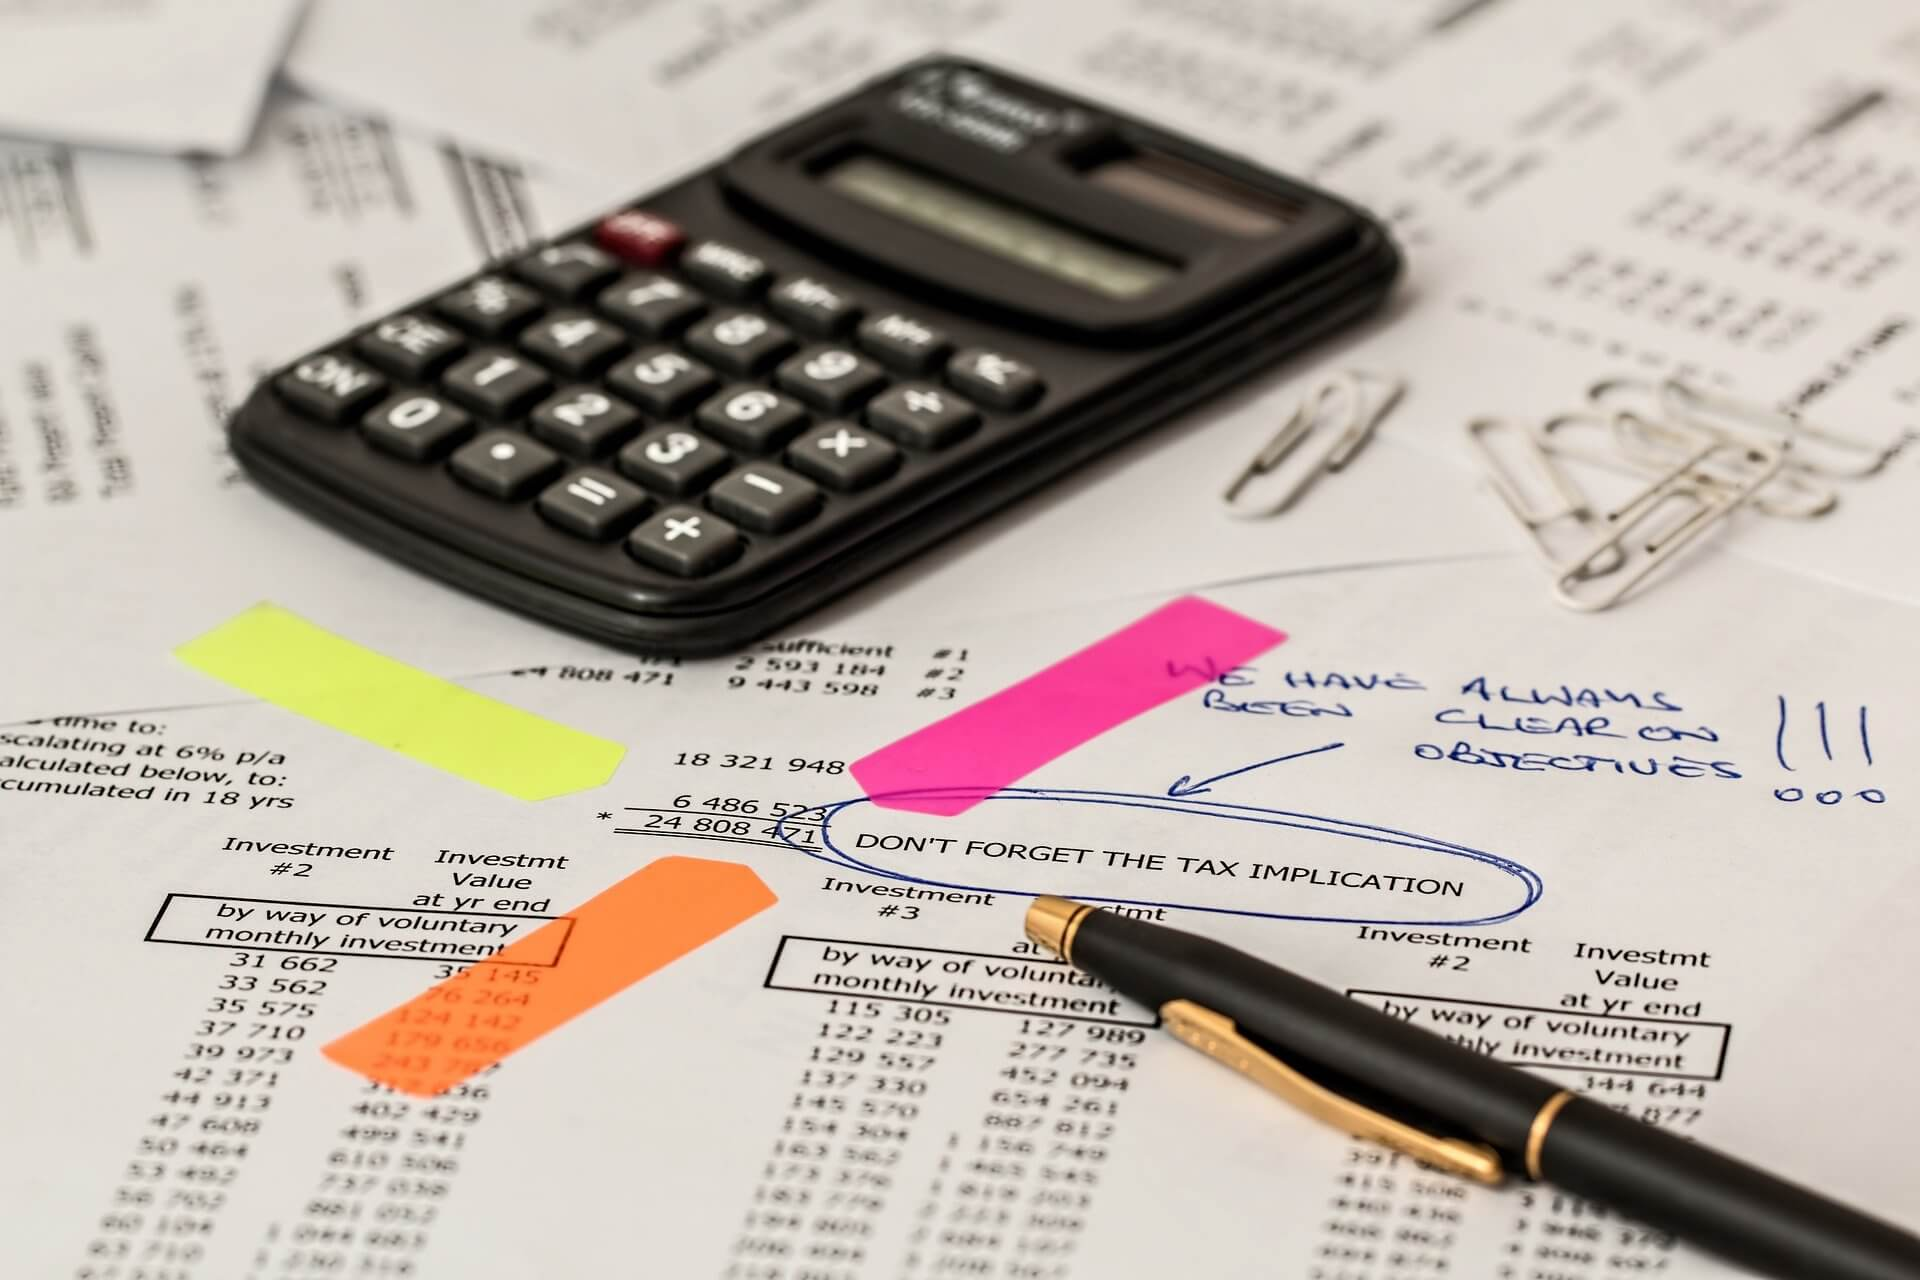 calculator-1044173_1920 店舗改修をお考えの方へ!減価償却についてご存知ですか?